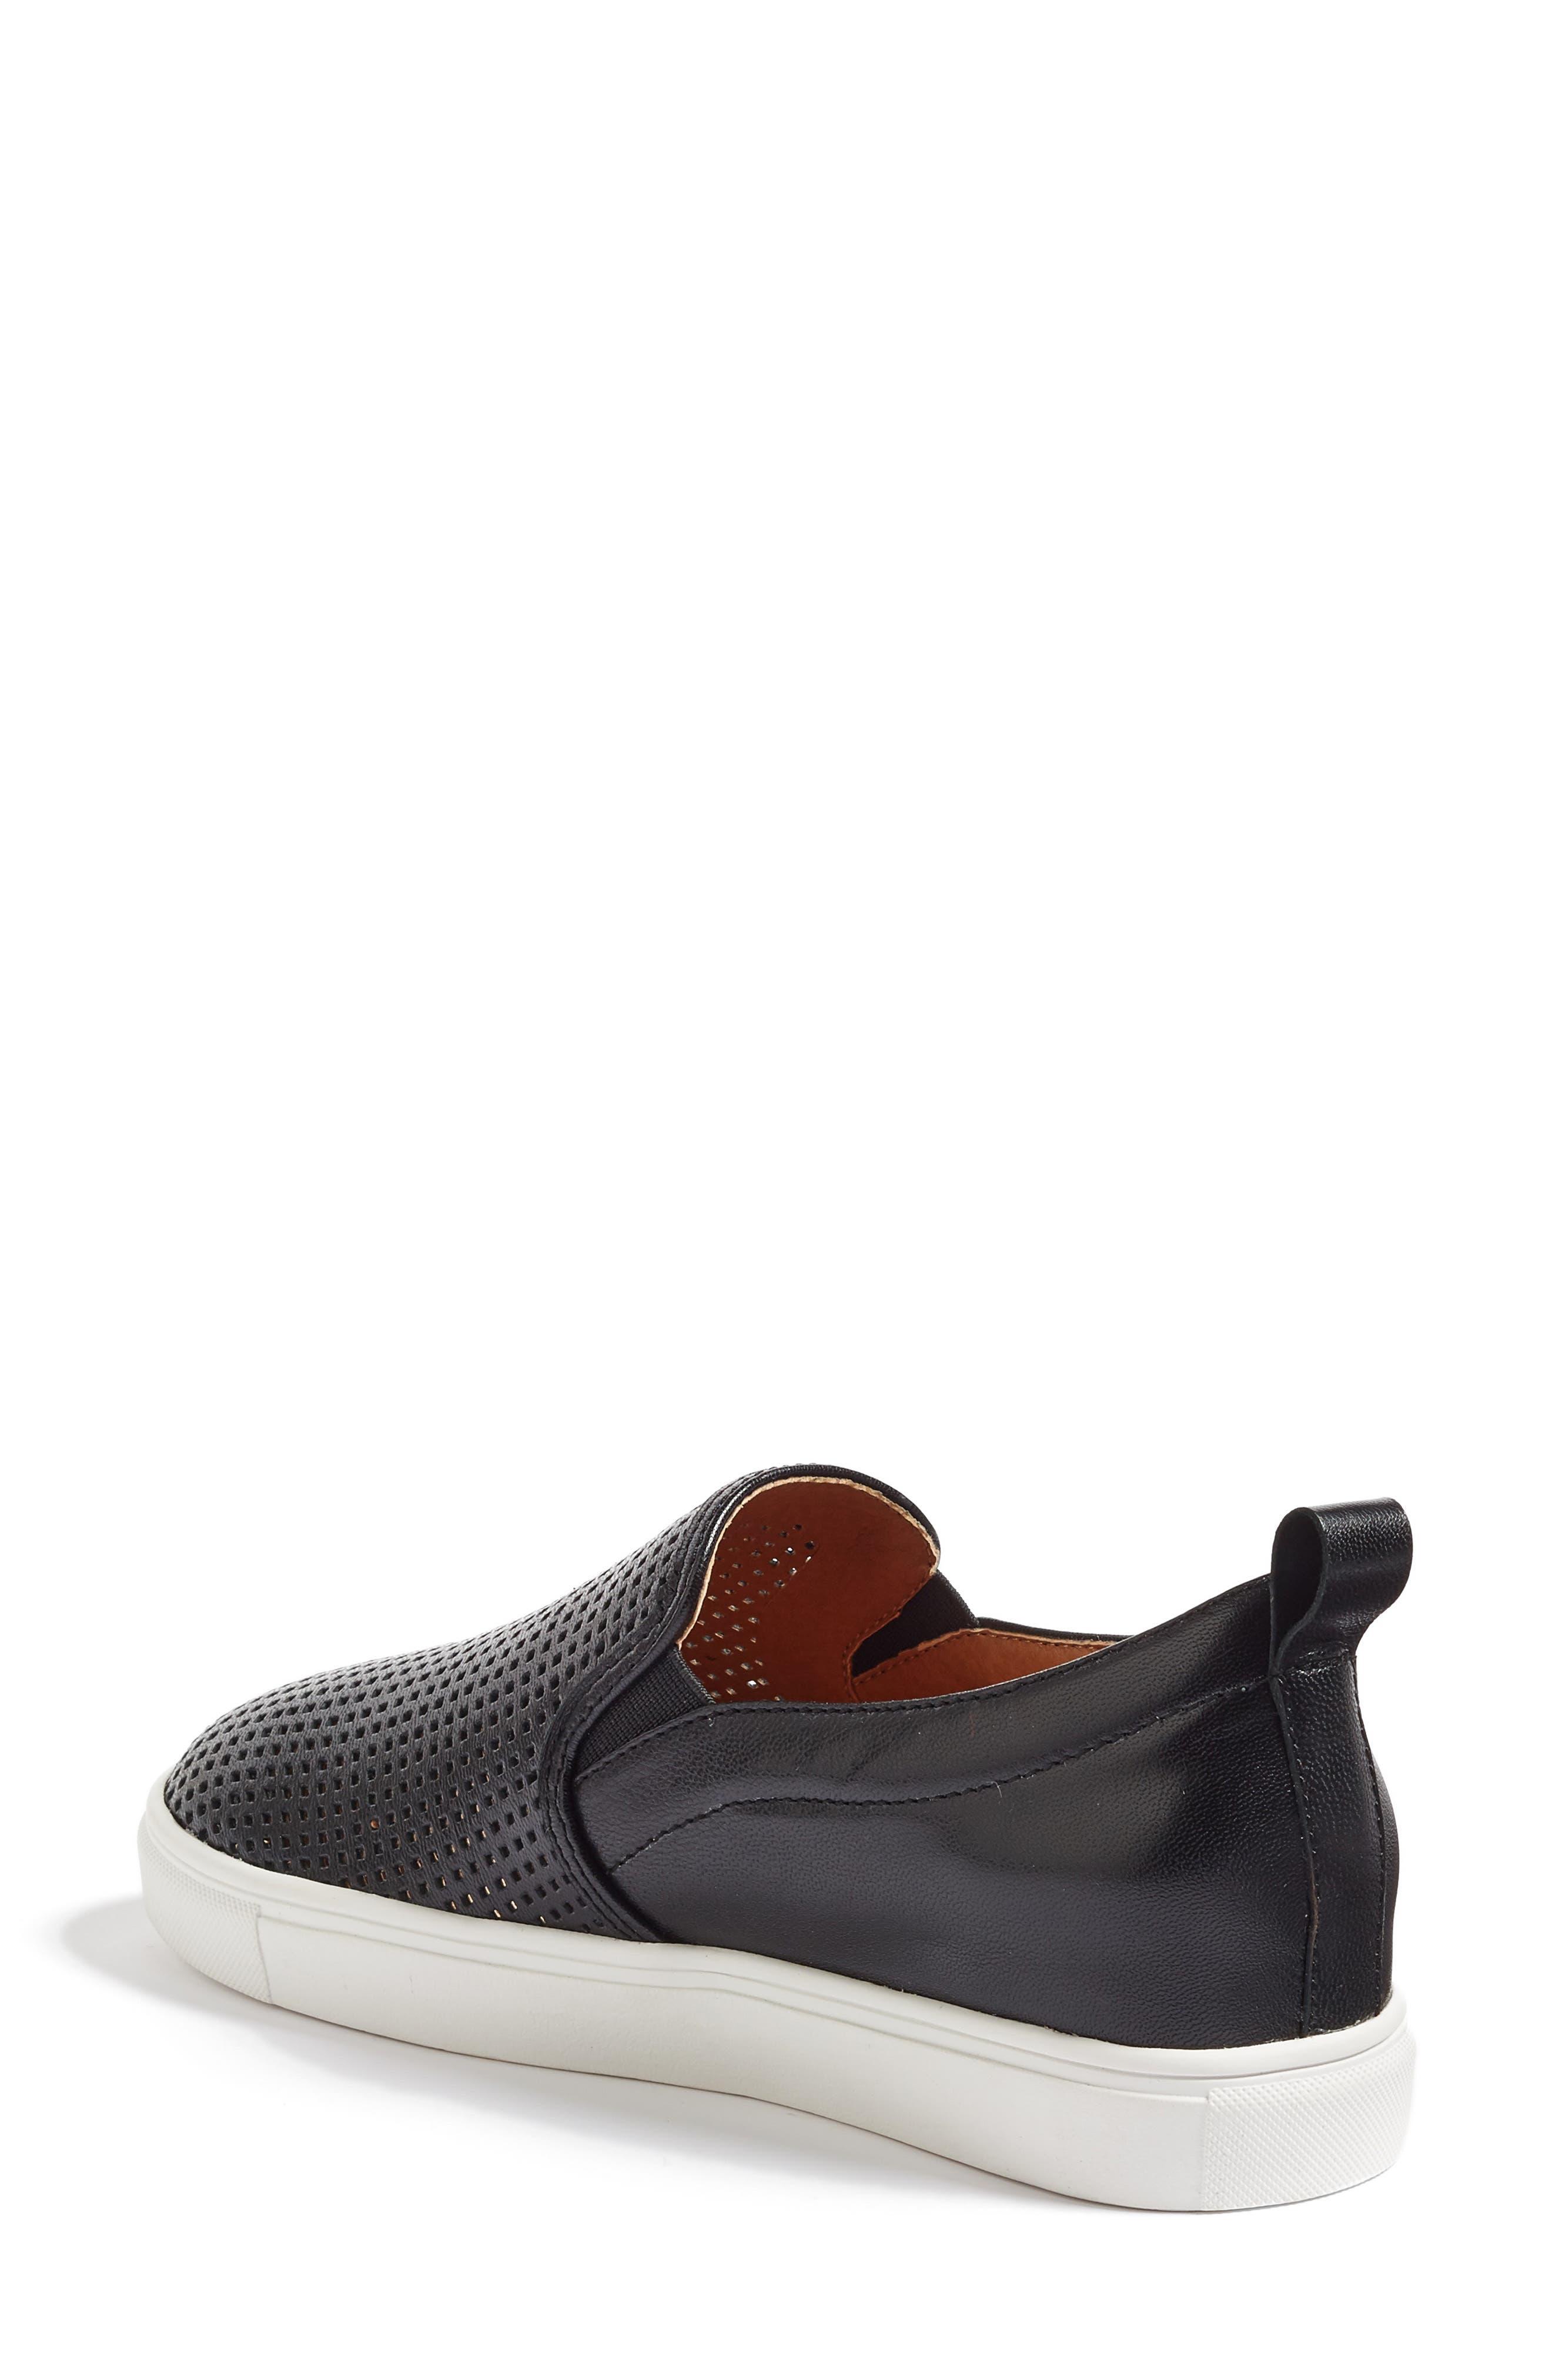 Eden Perforated Slip-On Sneaker,                             Alternate thumbnail 2, color,                             001